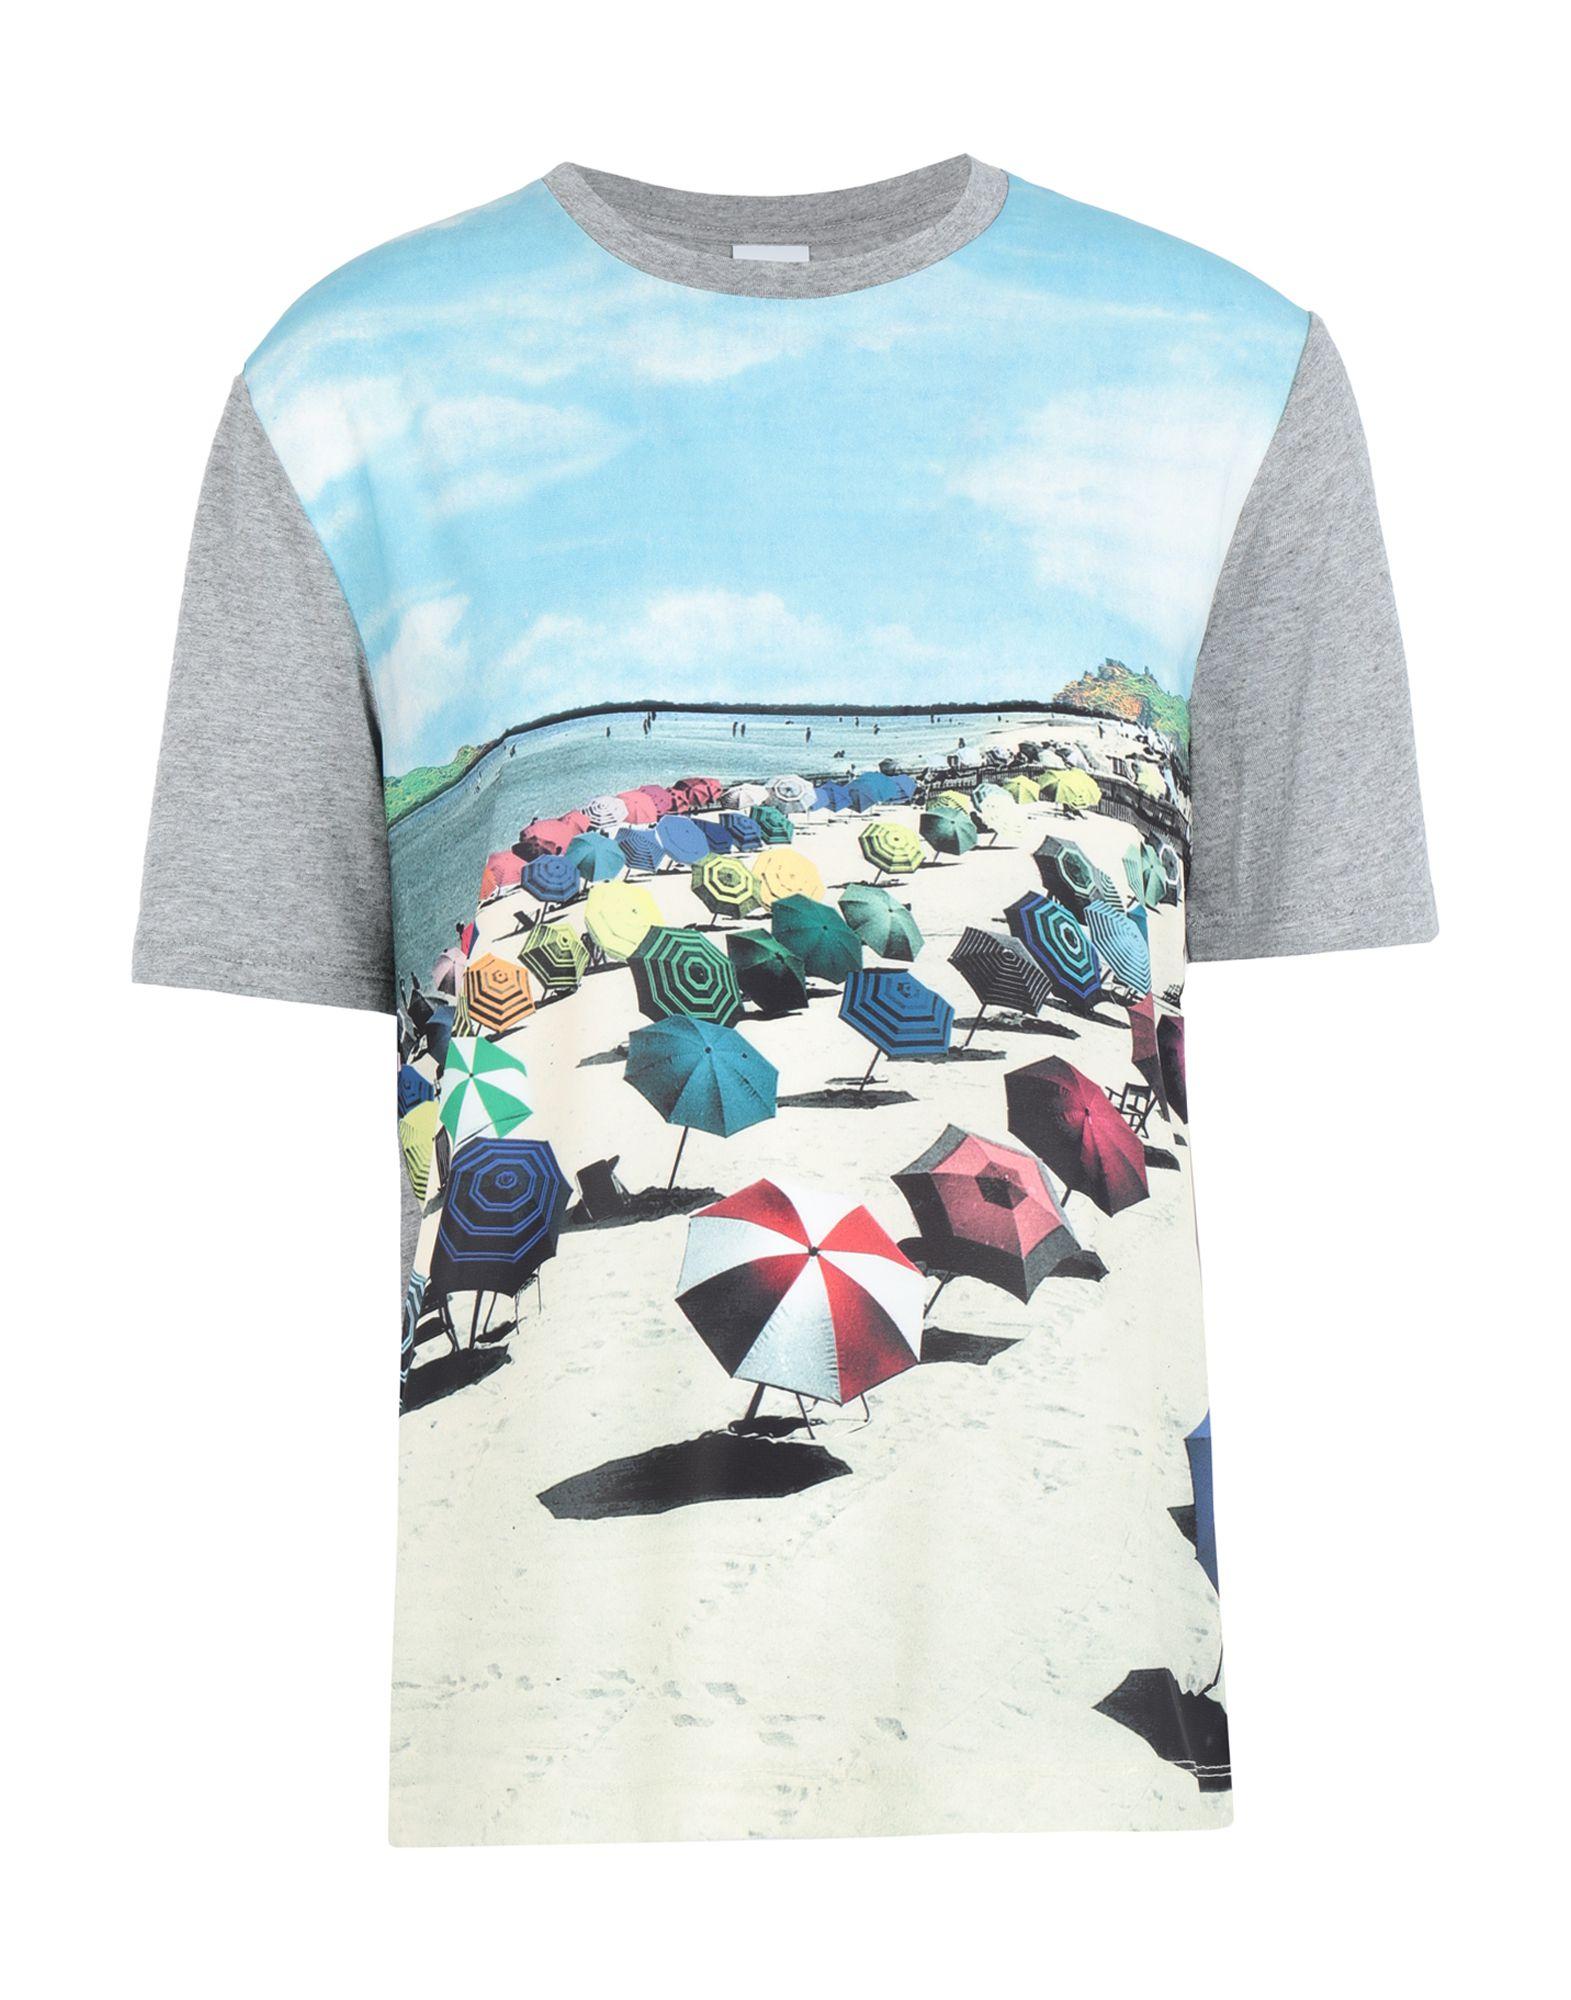 T-Shirt Ps Paul Smith damen Tshirt - damen - 12354257QD